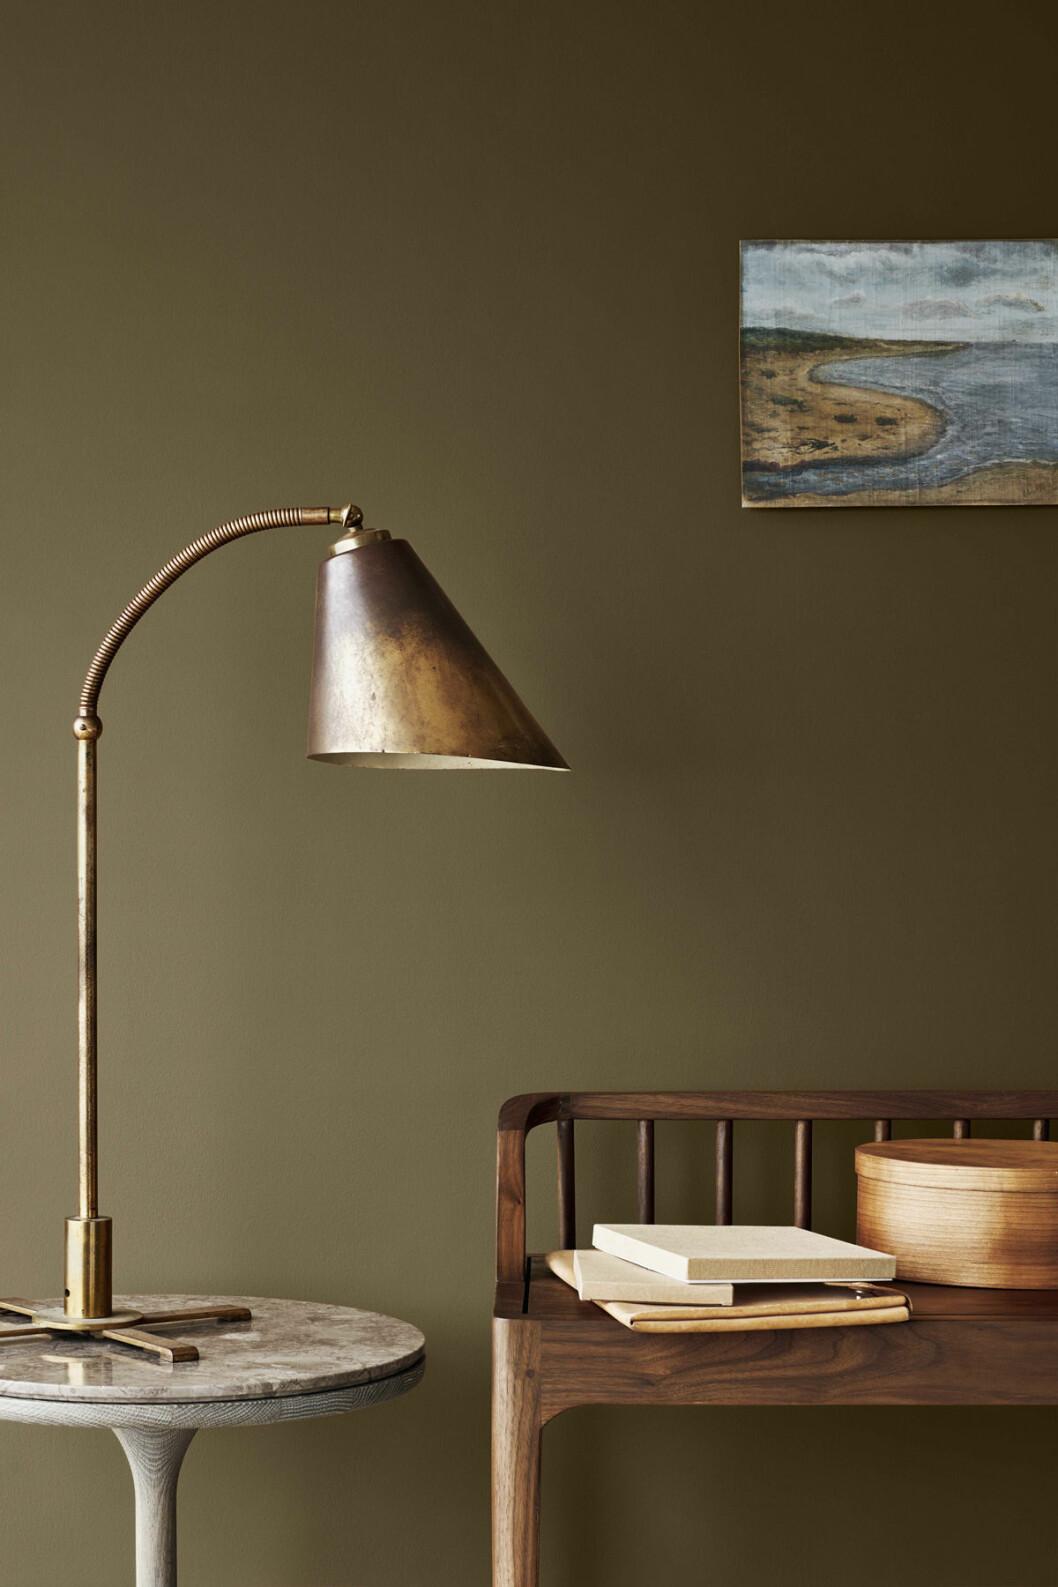 Inredningsnyheter aw 2020 Jotun golden bronze colour